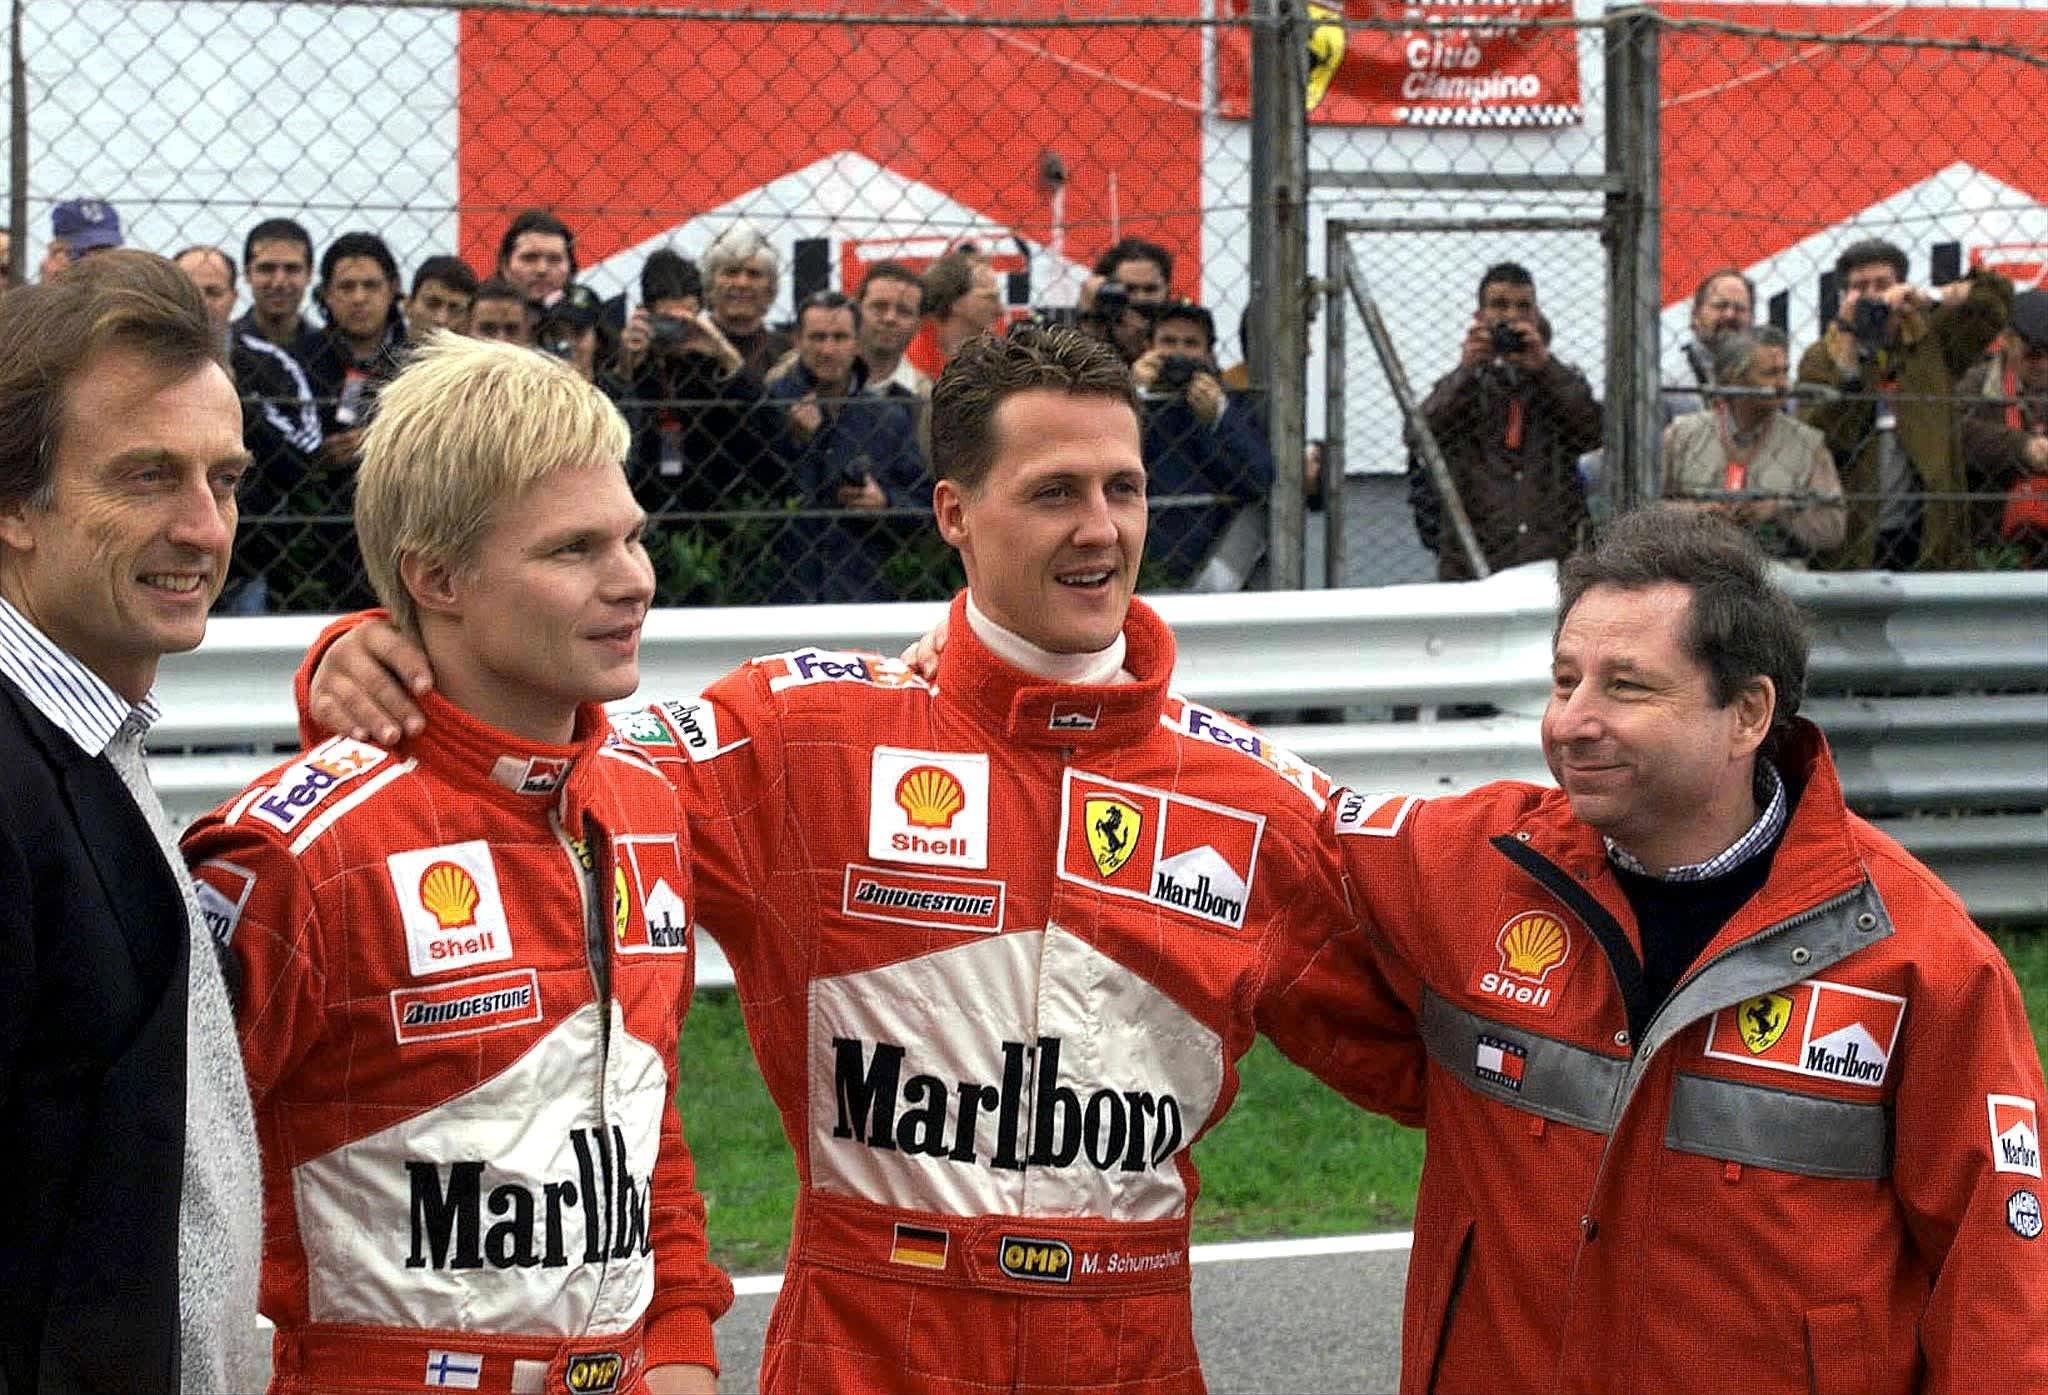 Ferrarin pääjohtaja Luca Di Montezemolo (vas.), kuskit Mika Salo ja Michael Schumacher sekä tallipäällikkö Jean Todt juhlimassa valmistajien mestaruutta kauden 1999 päätteeksi Maranellossa.